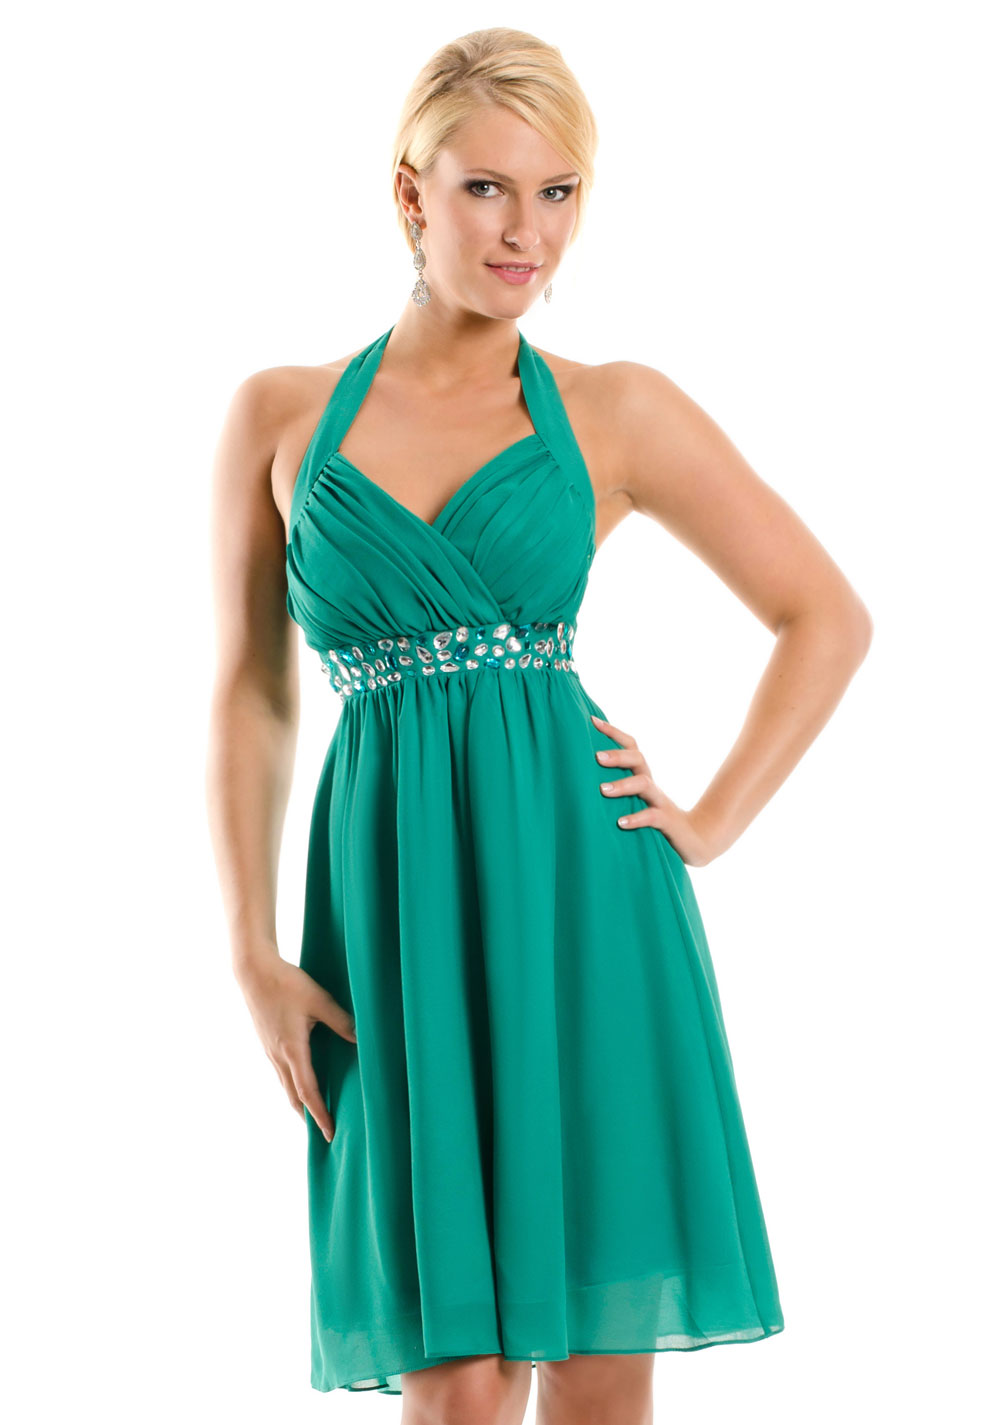 buy popular 1f63d 0a3f1 Abendkleider & Cocktailkleider in tollen Farben | VIP Dress